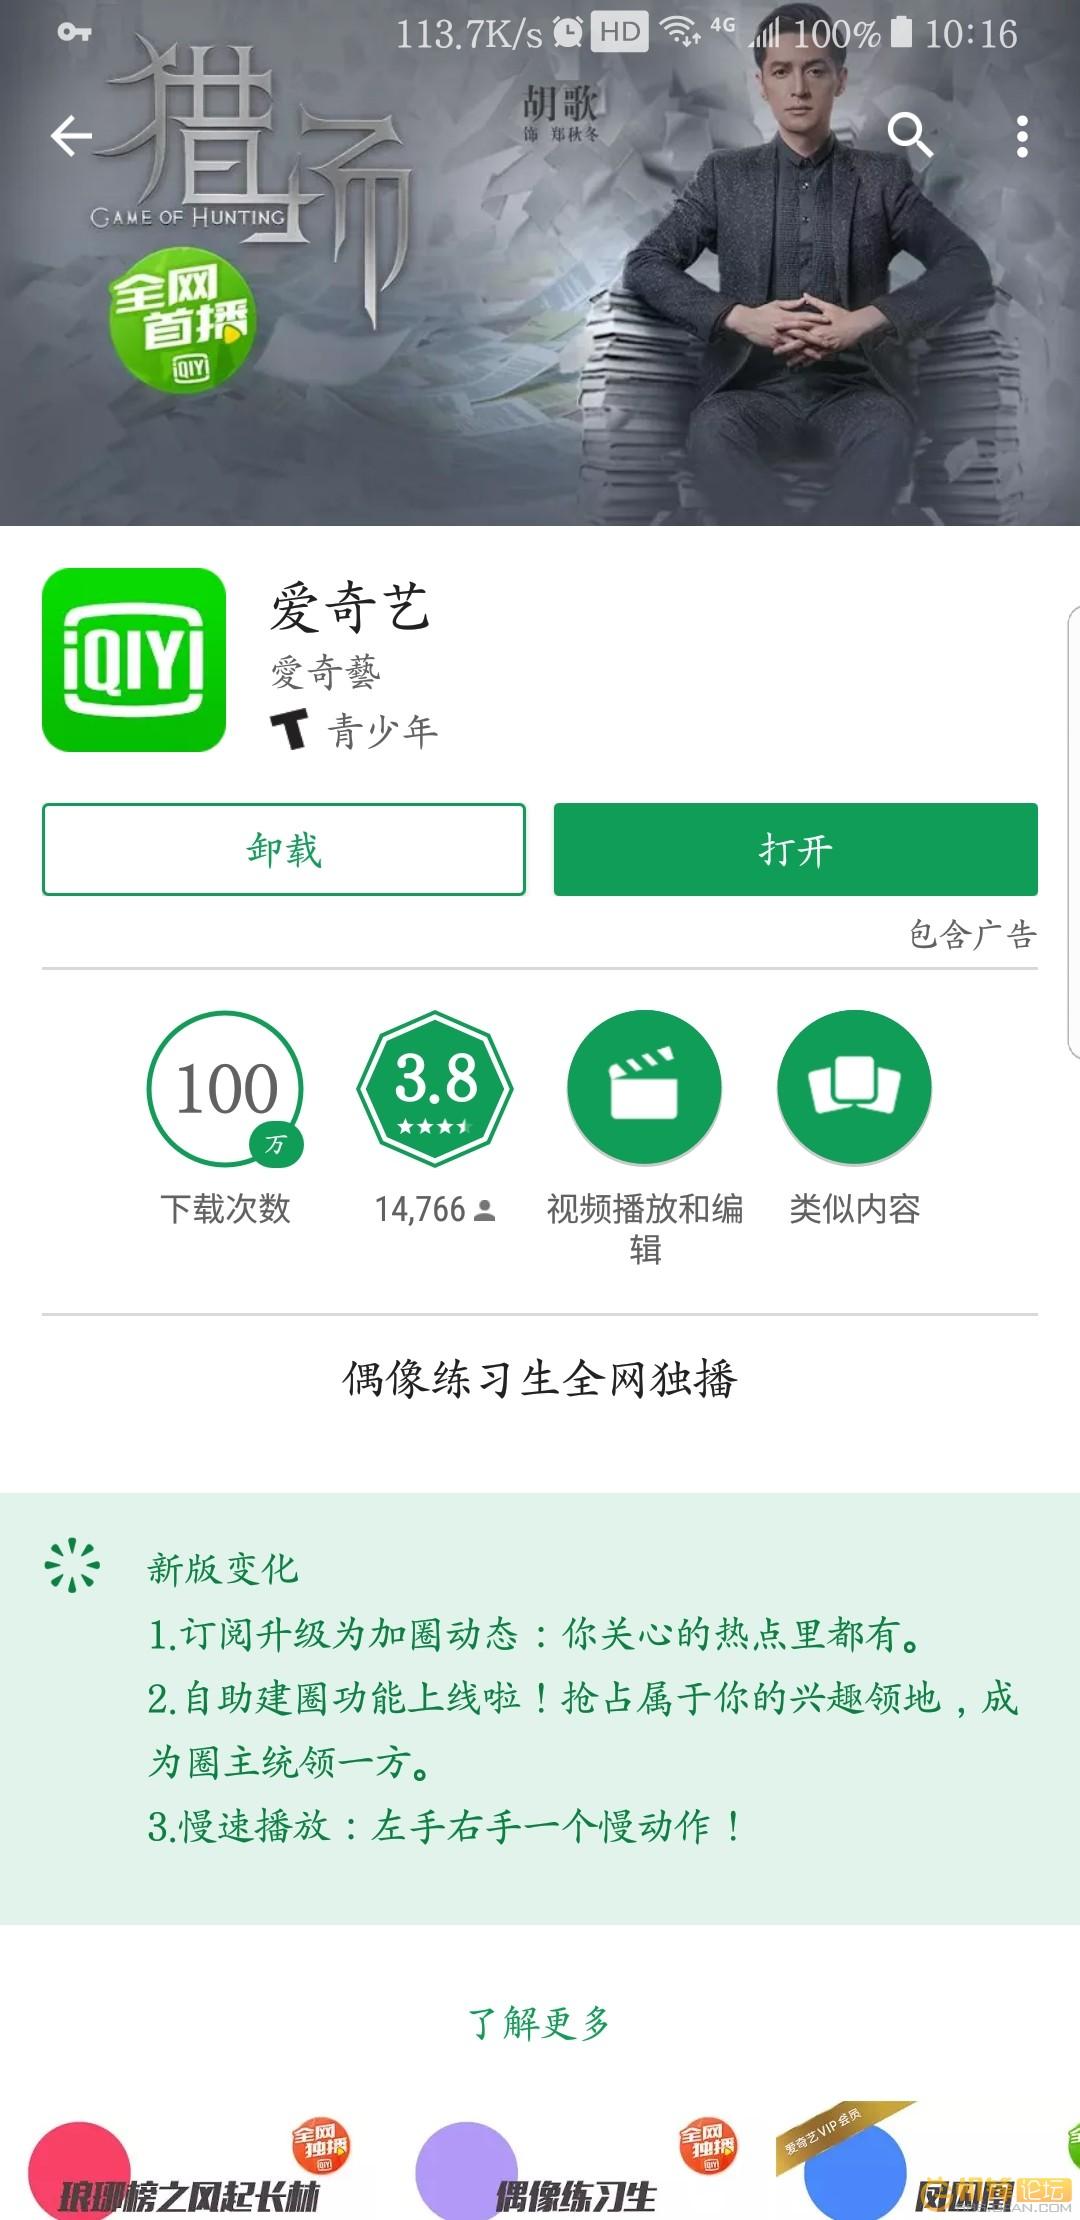 Screenshot_20180211-101637.jpg